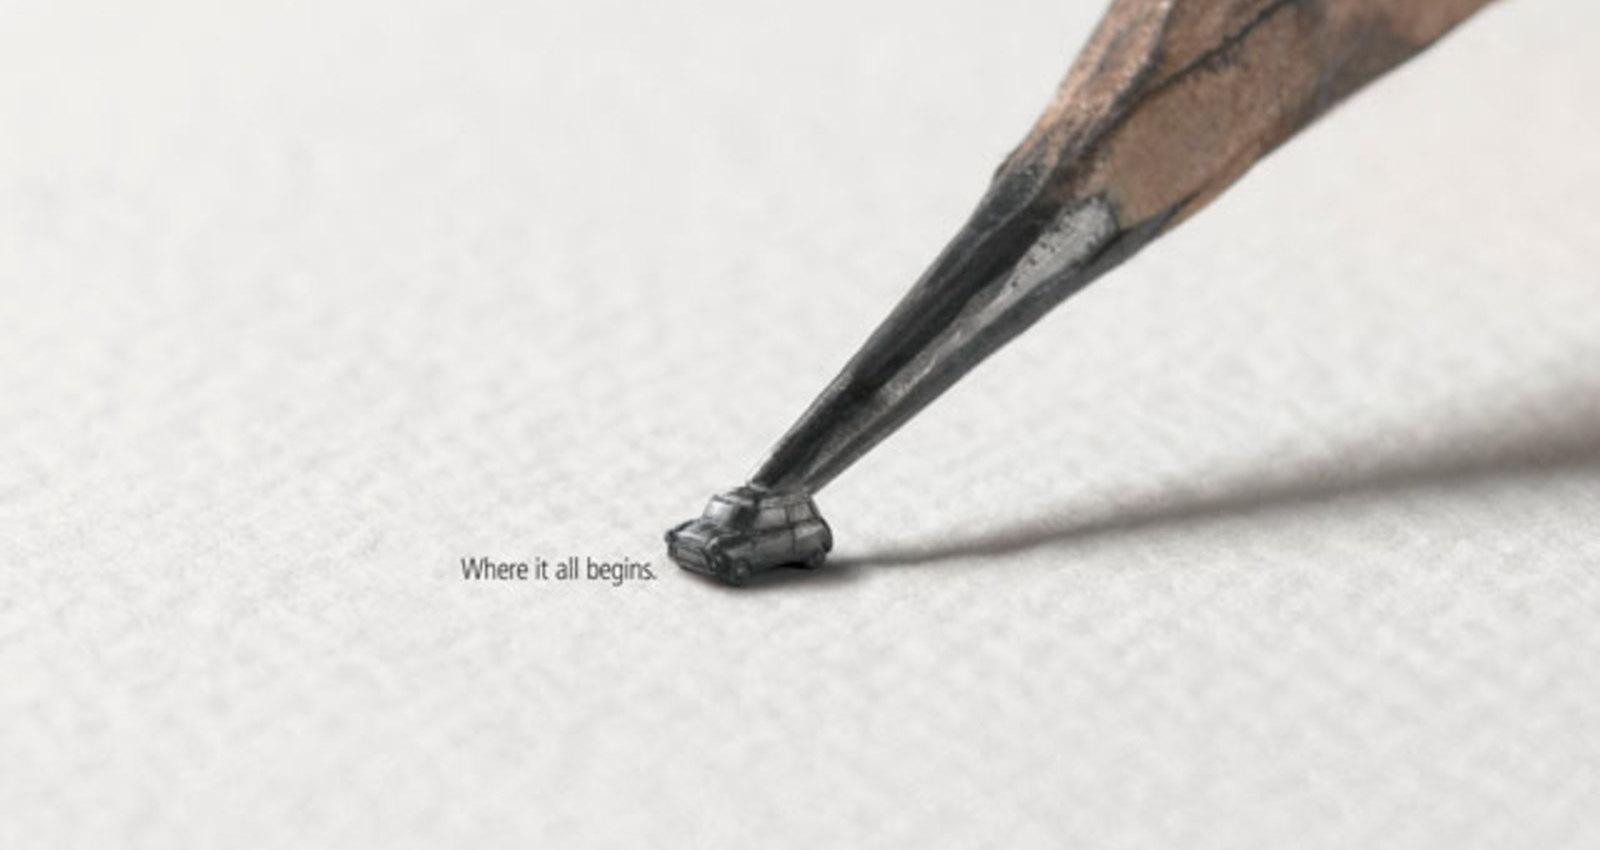 The Pencil Campaign